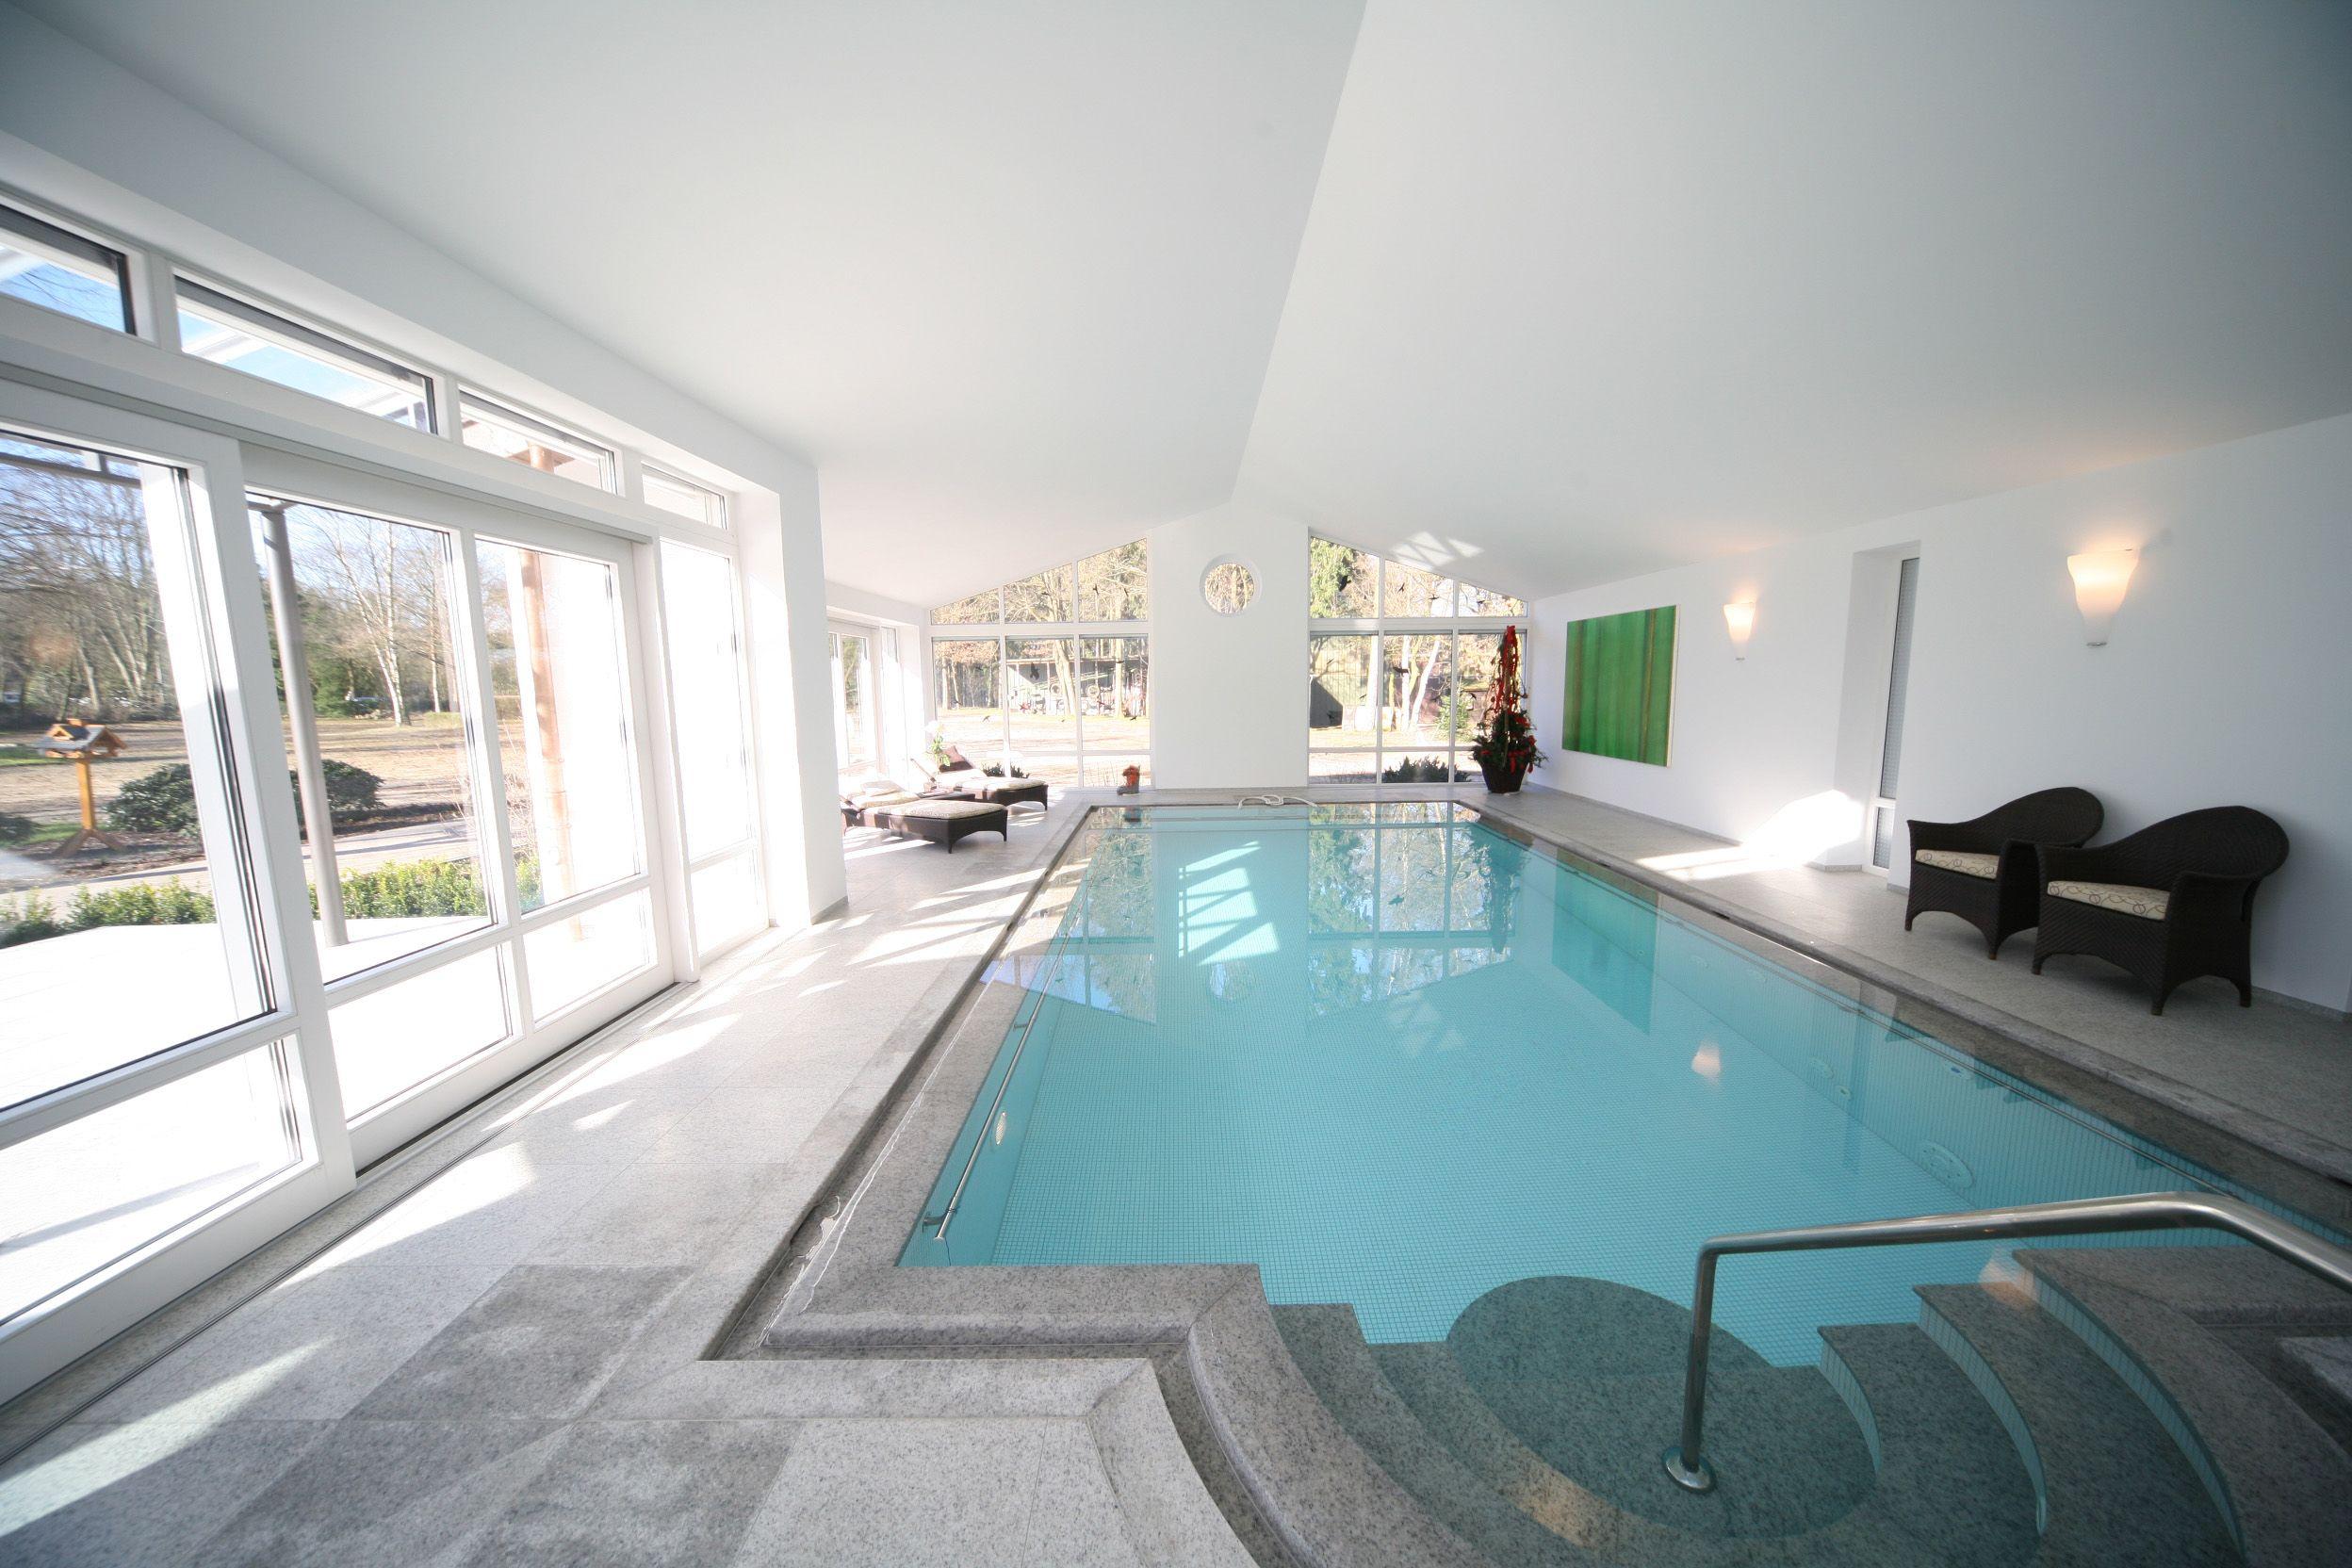 Schwimmbad bauen Halle-sopra | Schwimmbadbau in Halle | Pinterest ...